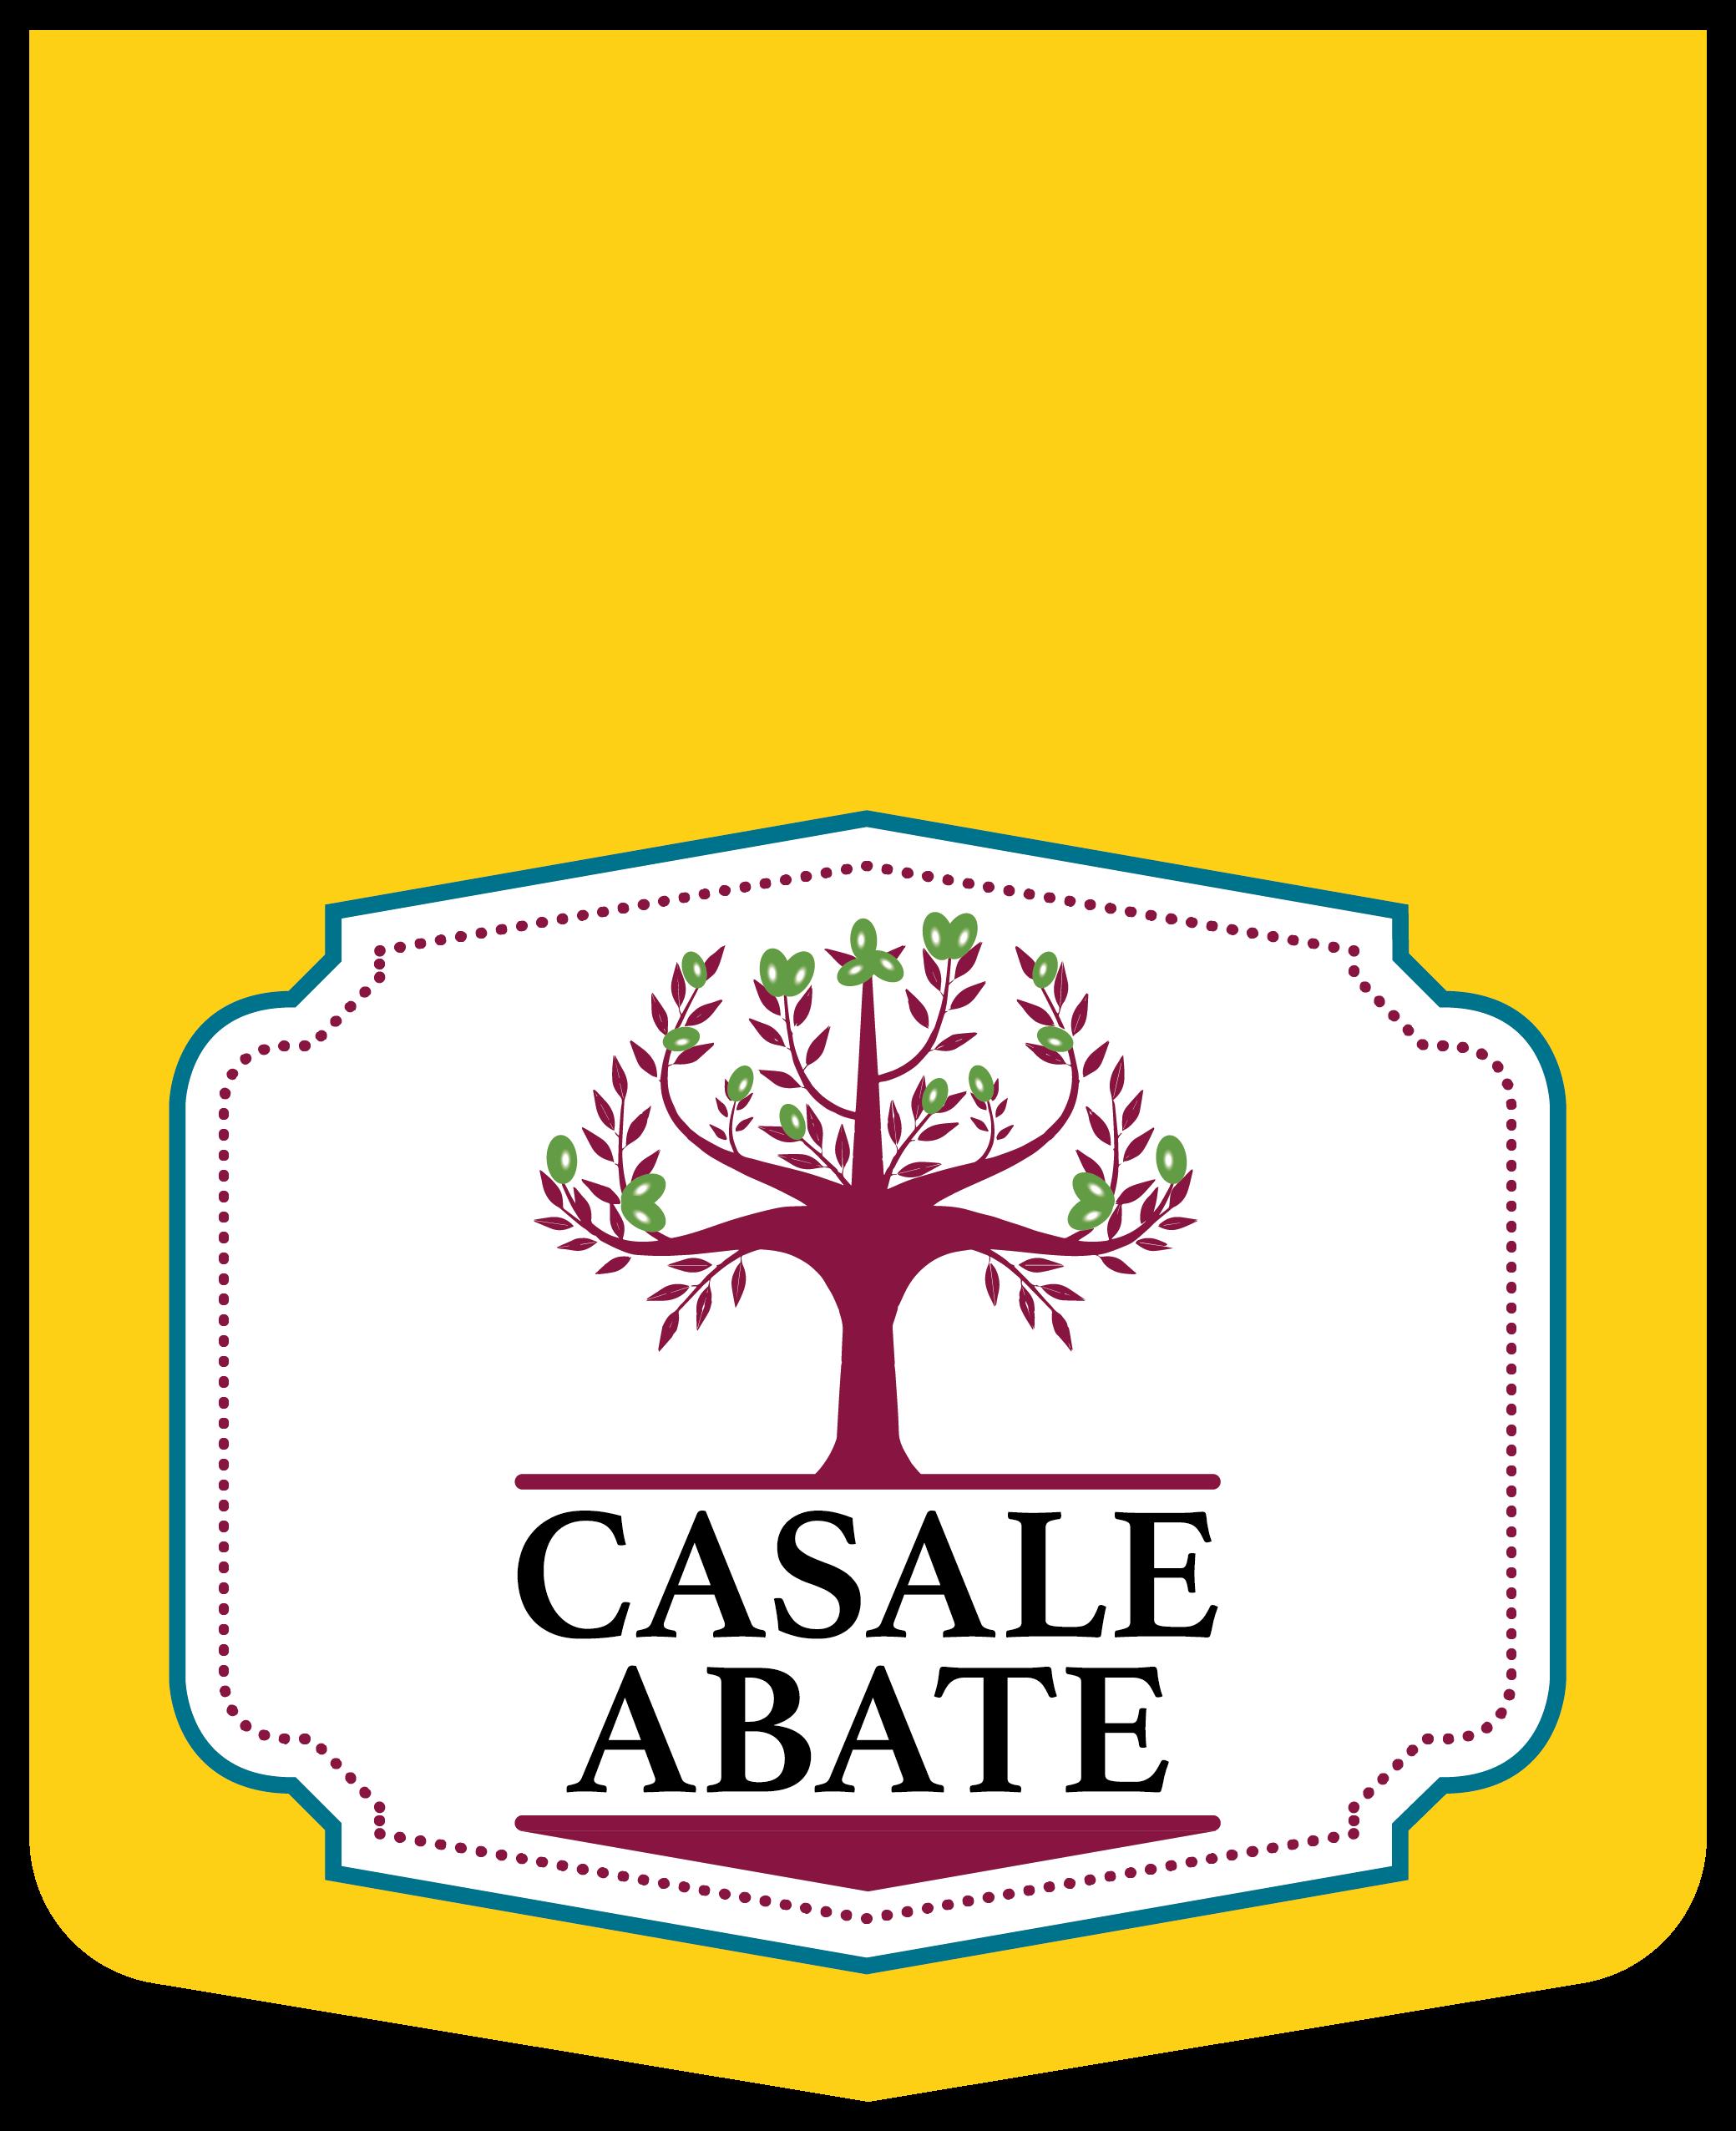 Casale-abate3